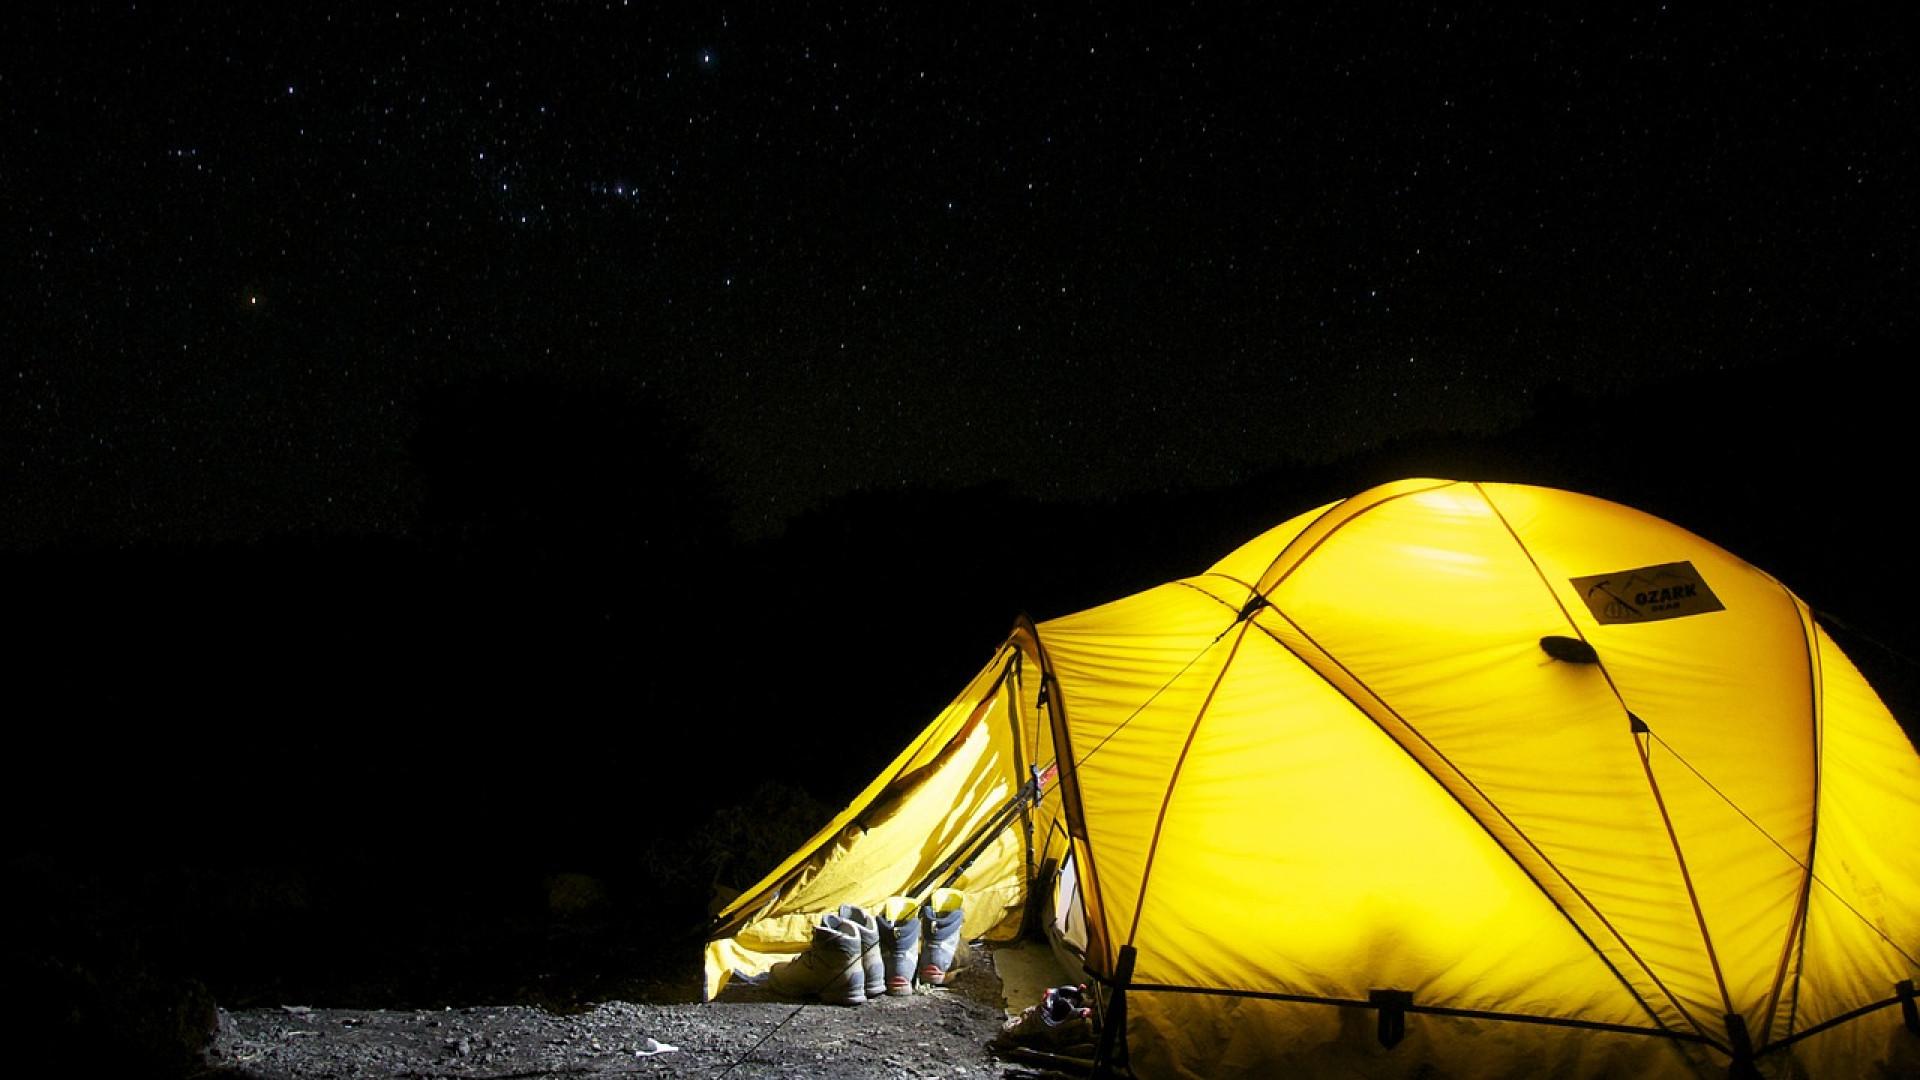 Les différents types de tentes que vous pouvez choisir